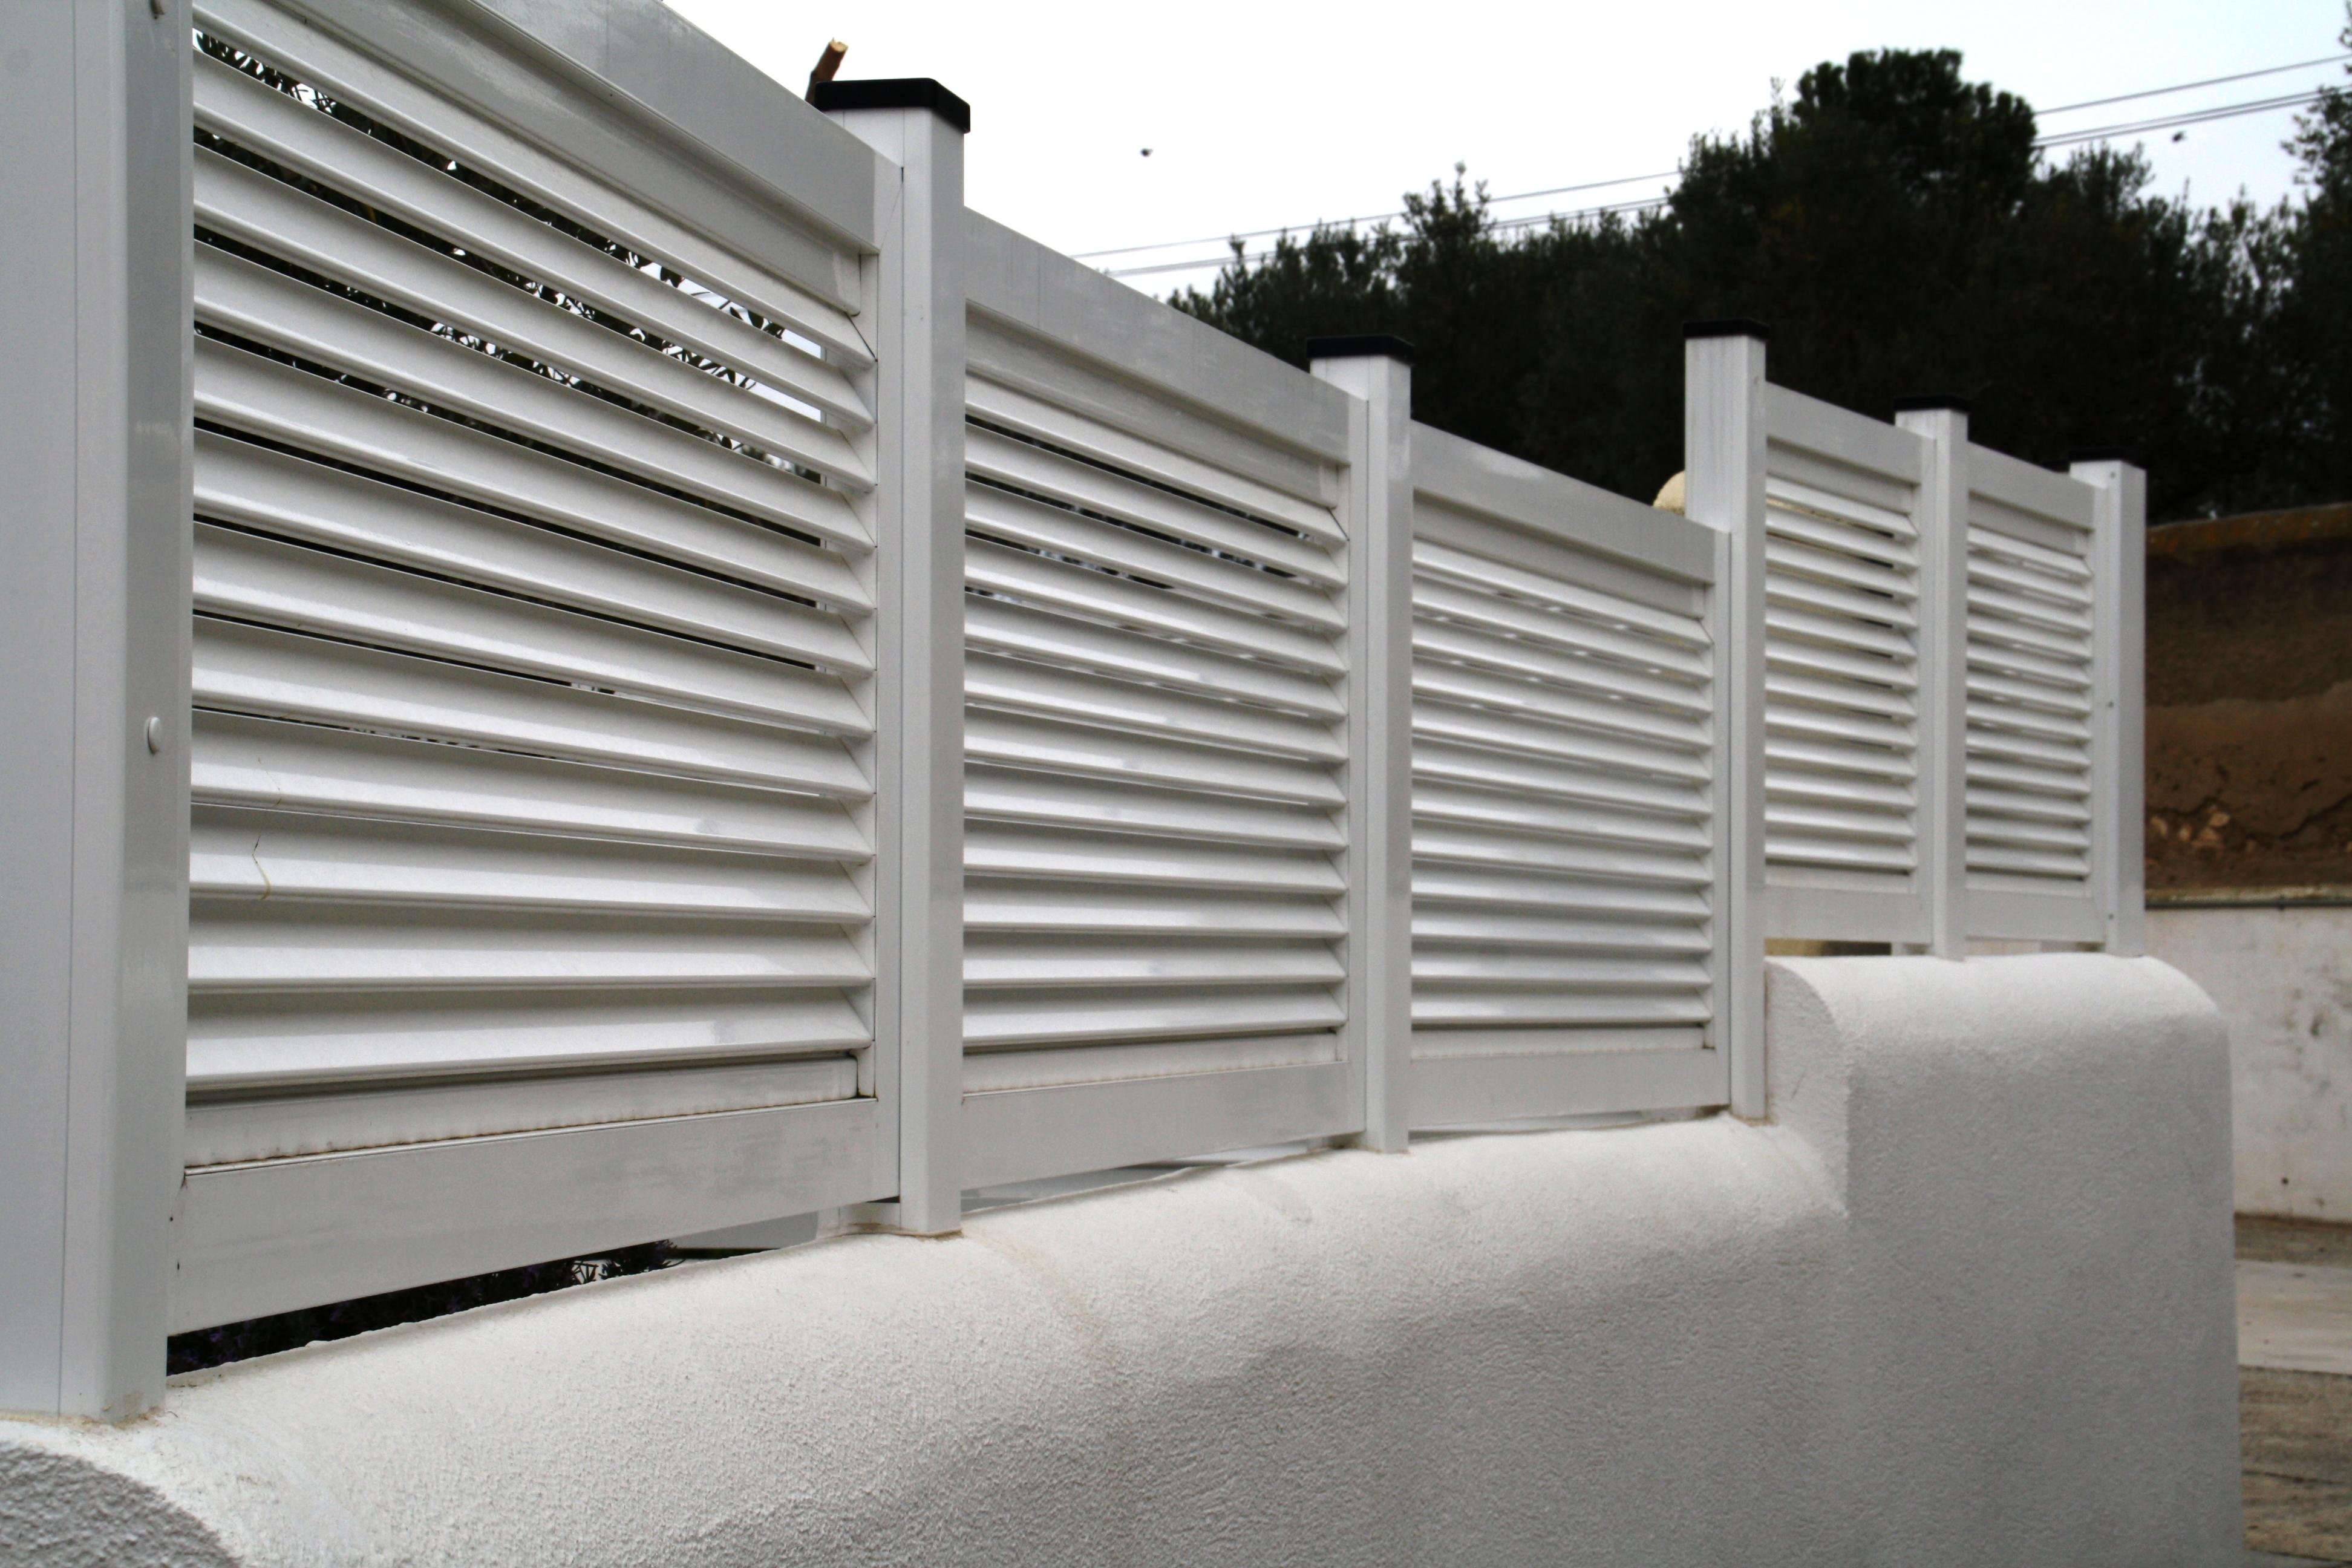 Cecal 2009 valla de aluminio con lama horizontal - Vallas de aluminio ...